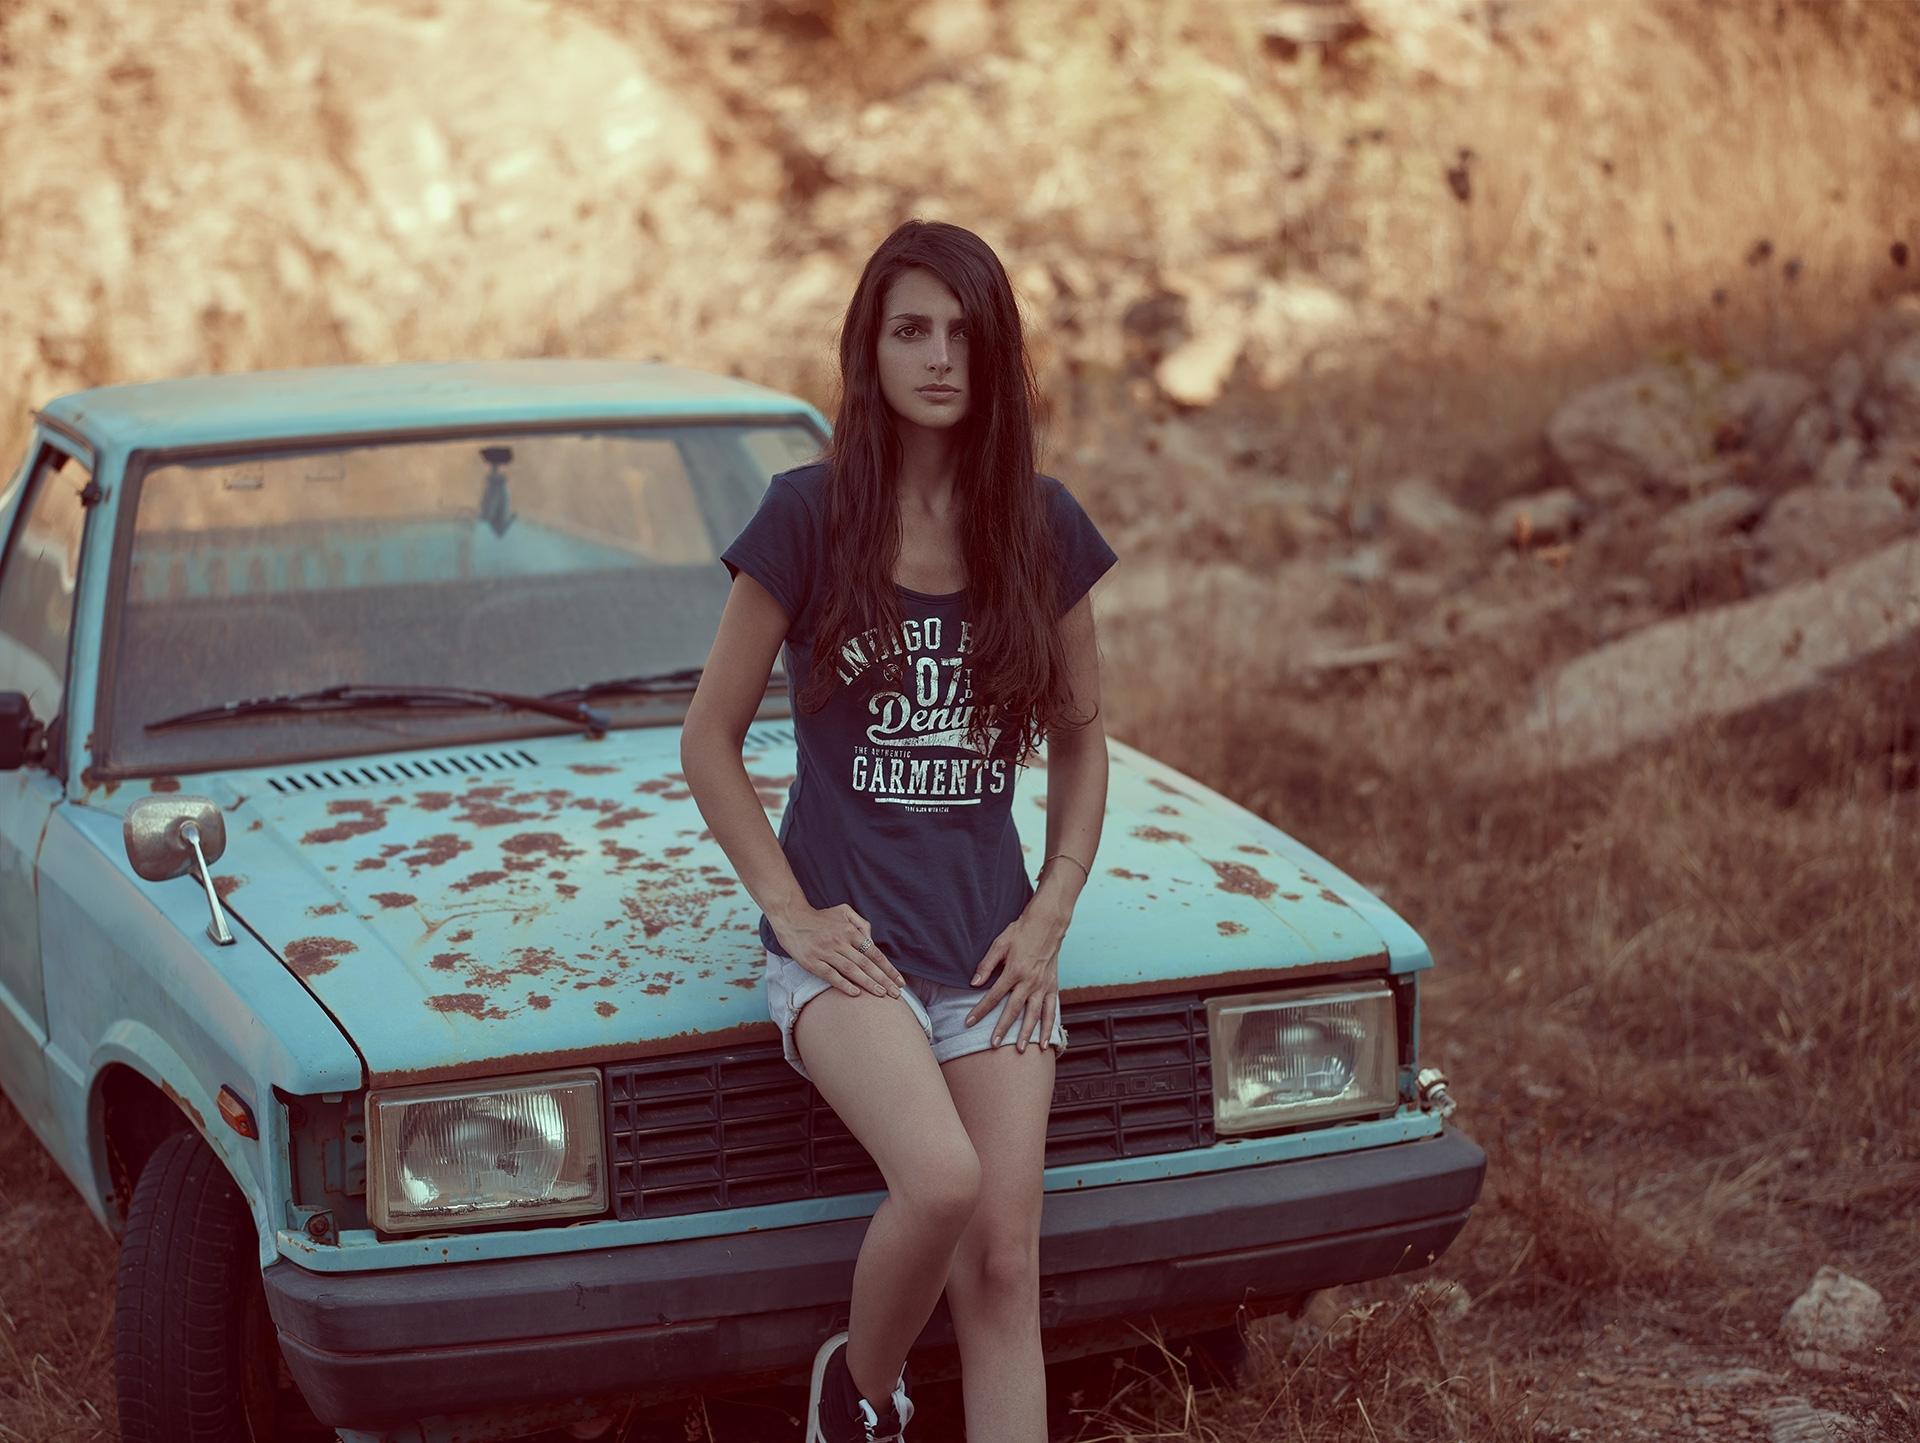 crete greece frederic mercier photographer edito lifestyle us american dream jean fashion one color